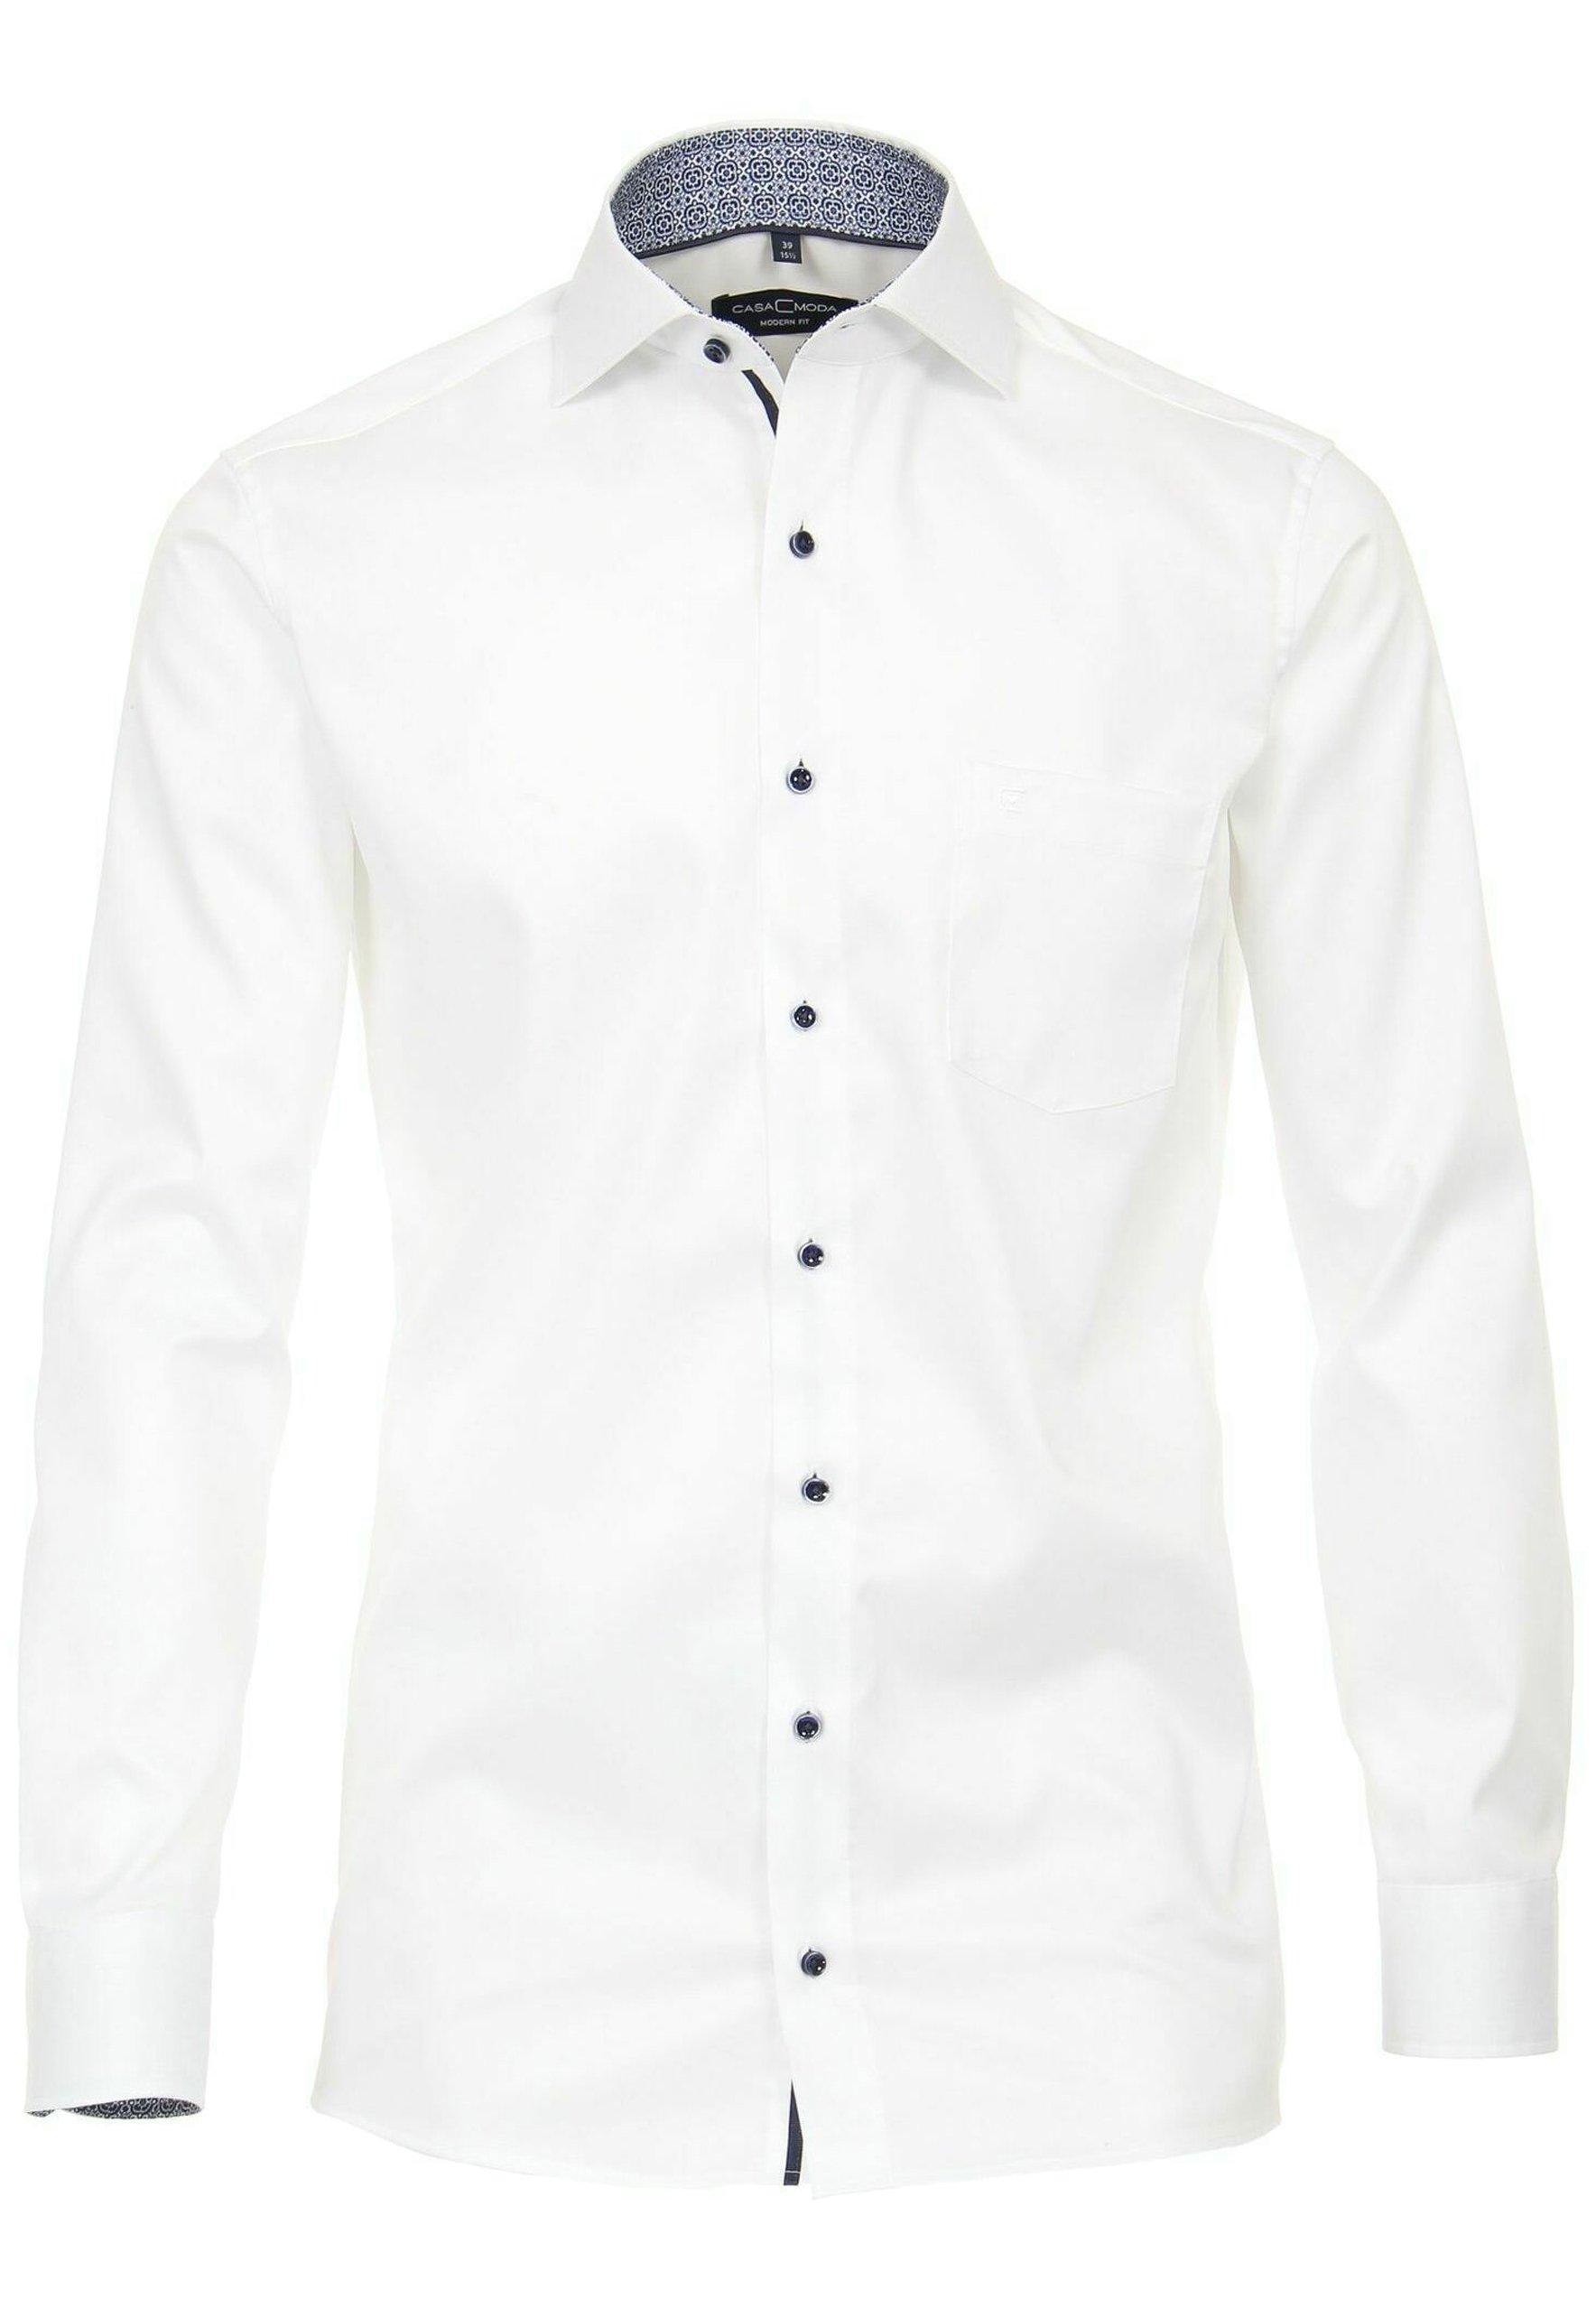 Herren MODERN FIT - Hemd - weiß